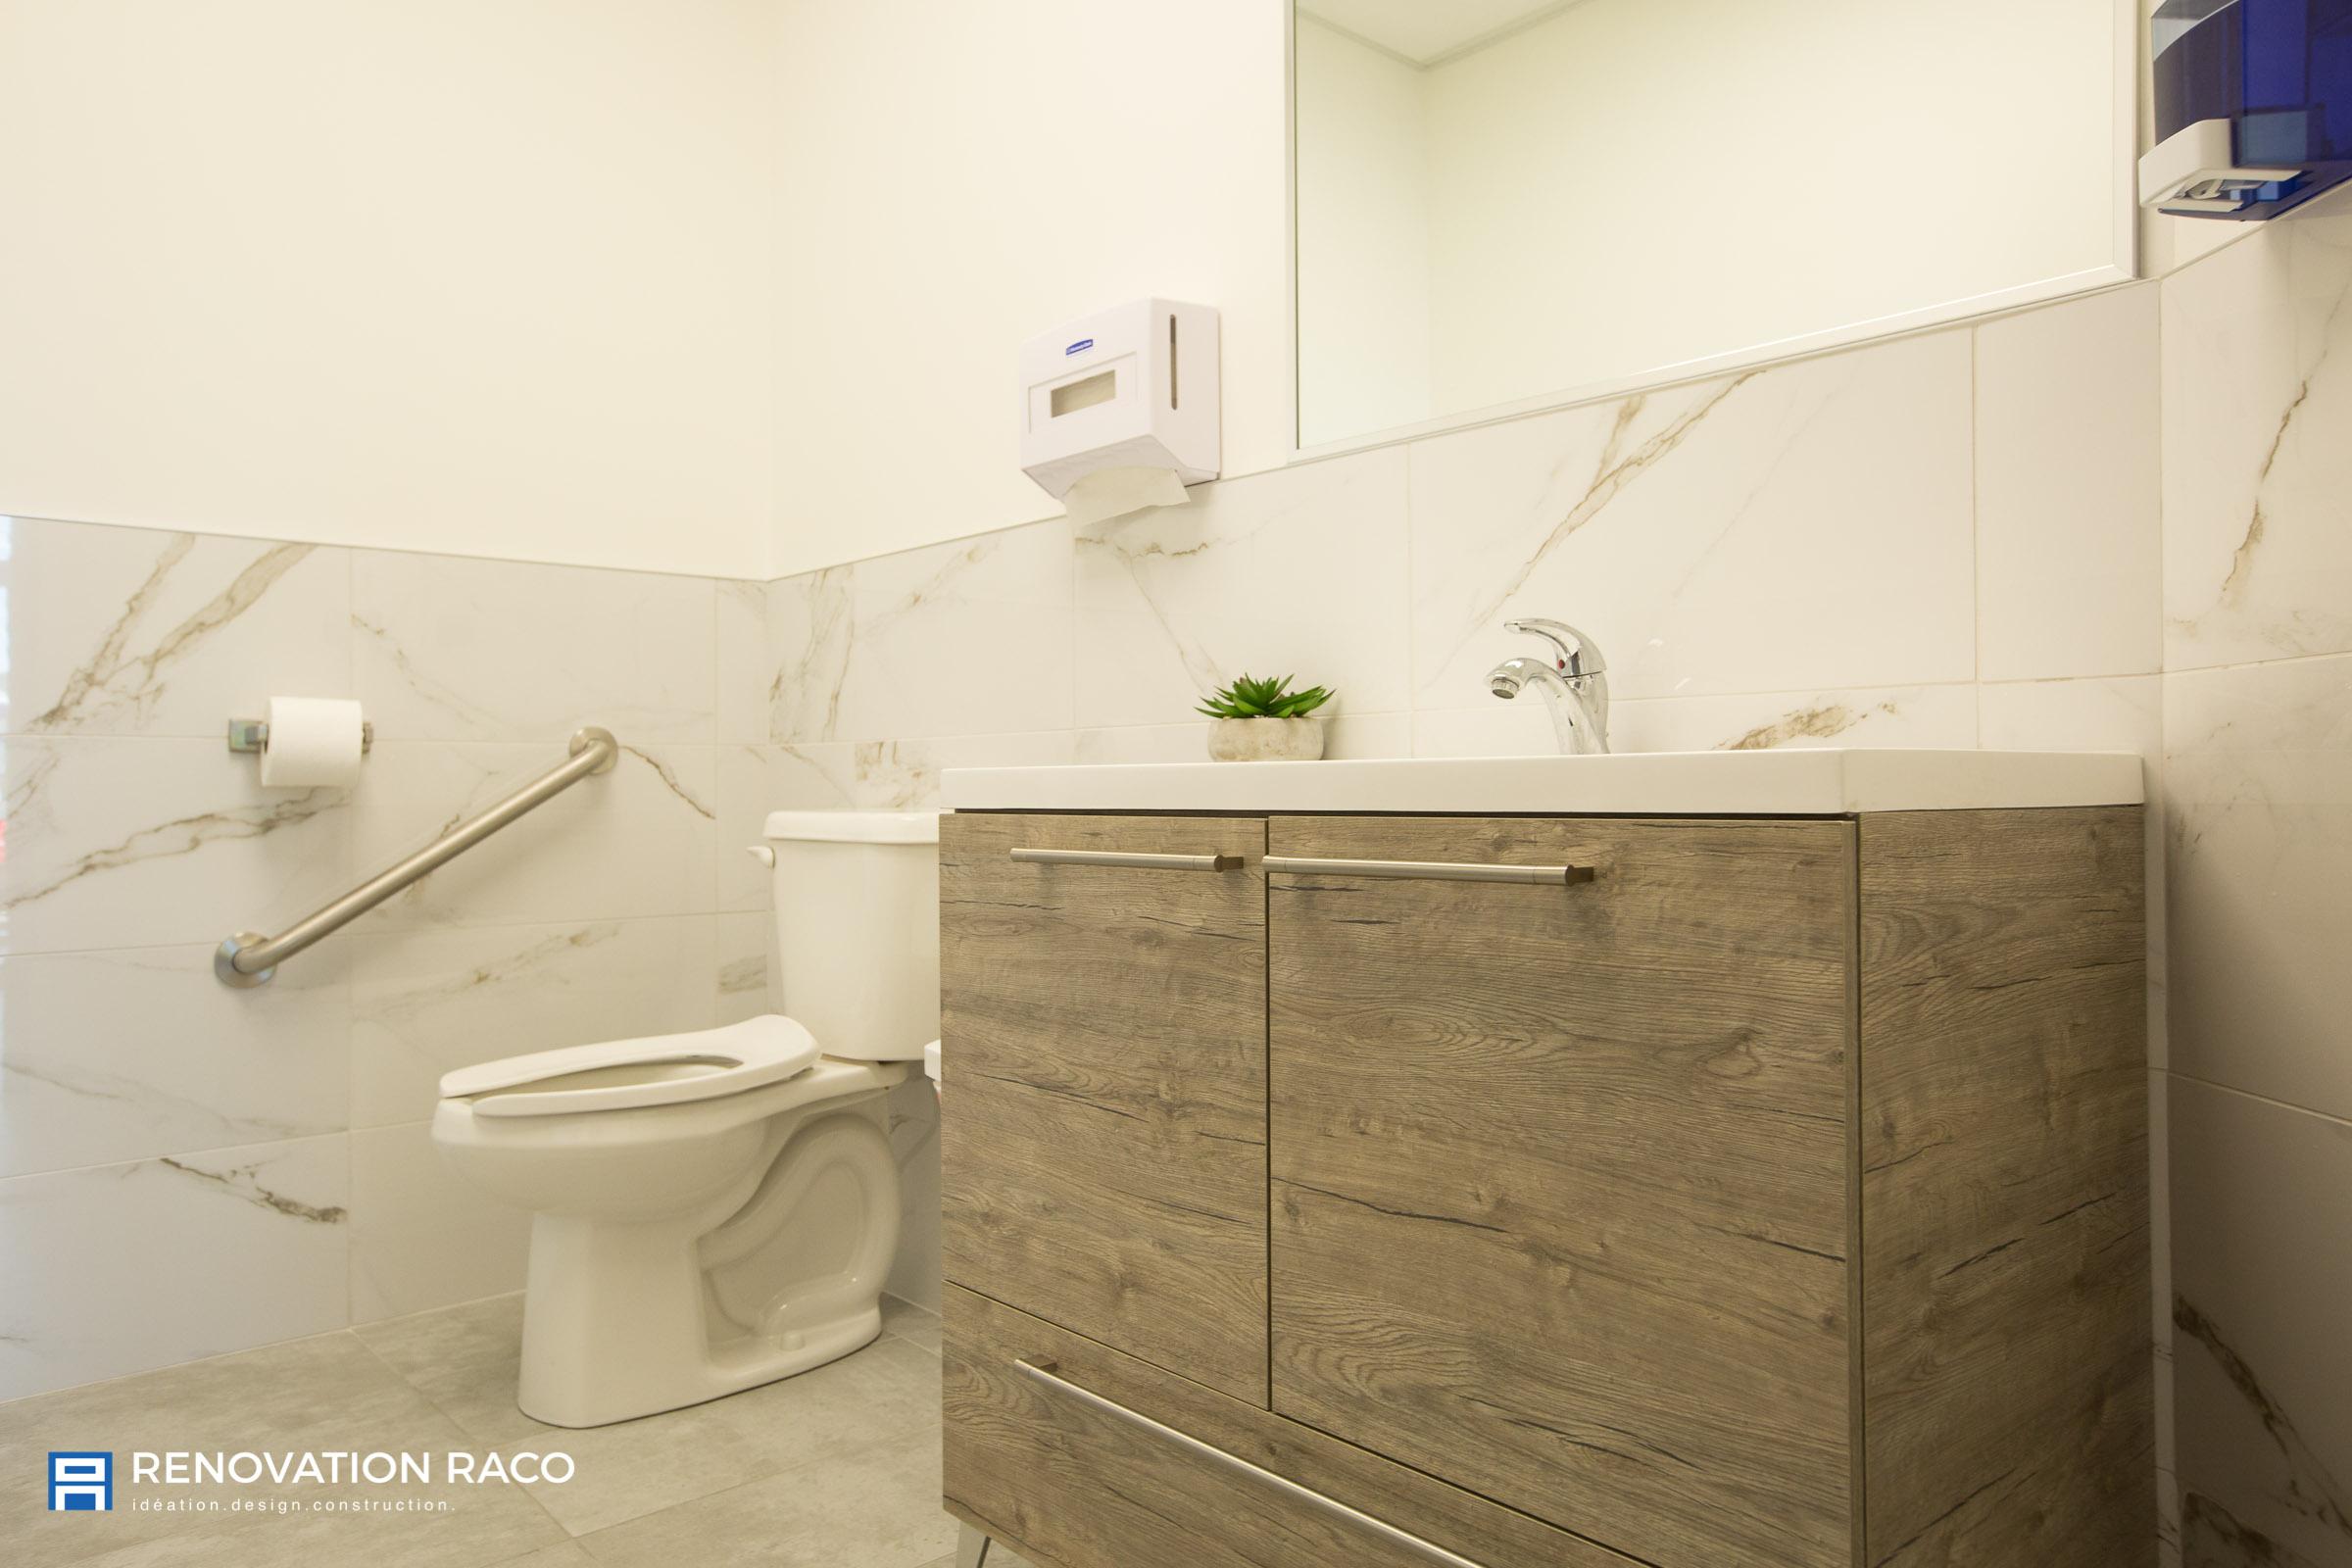 Renovation-Raco-Montreal-clinique Beydoun-13.jpg